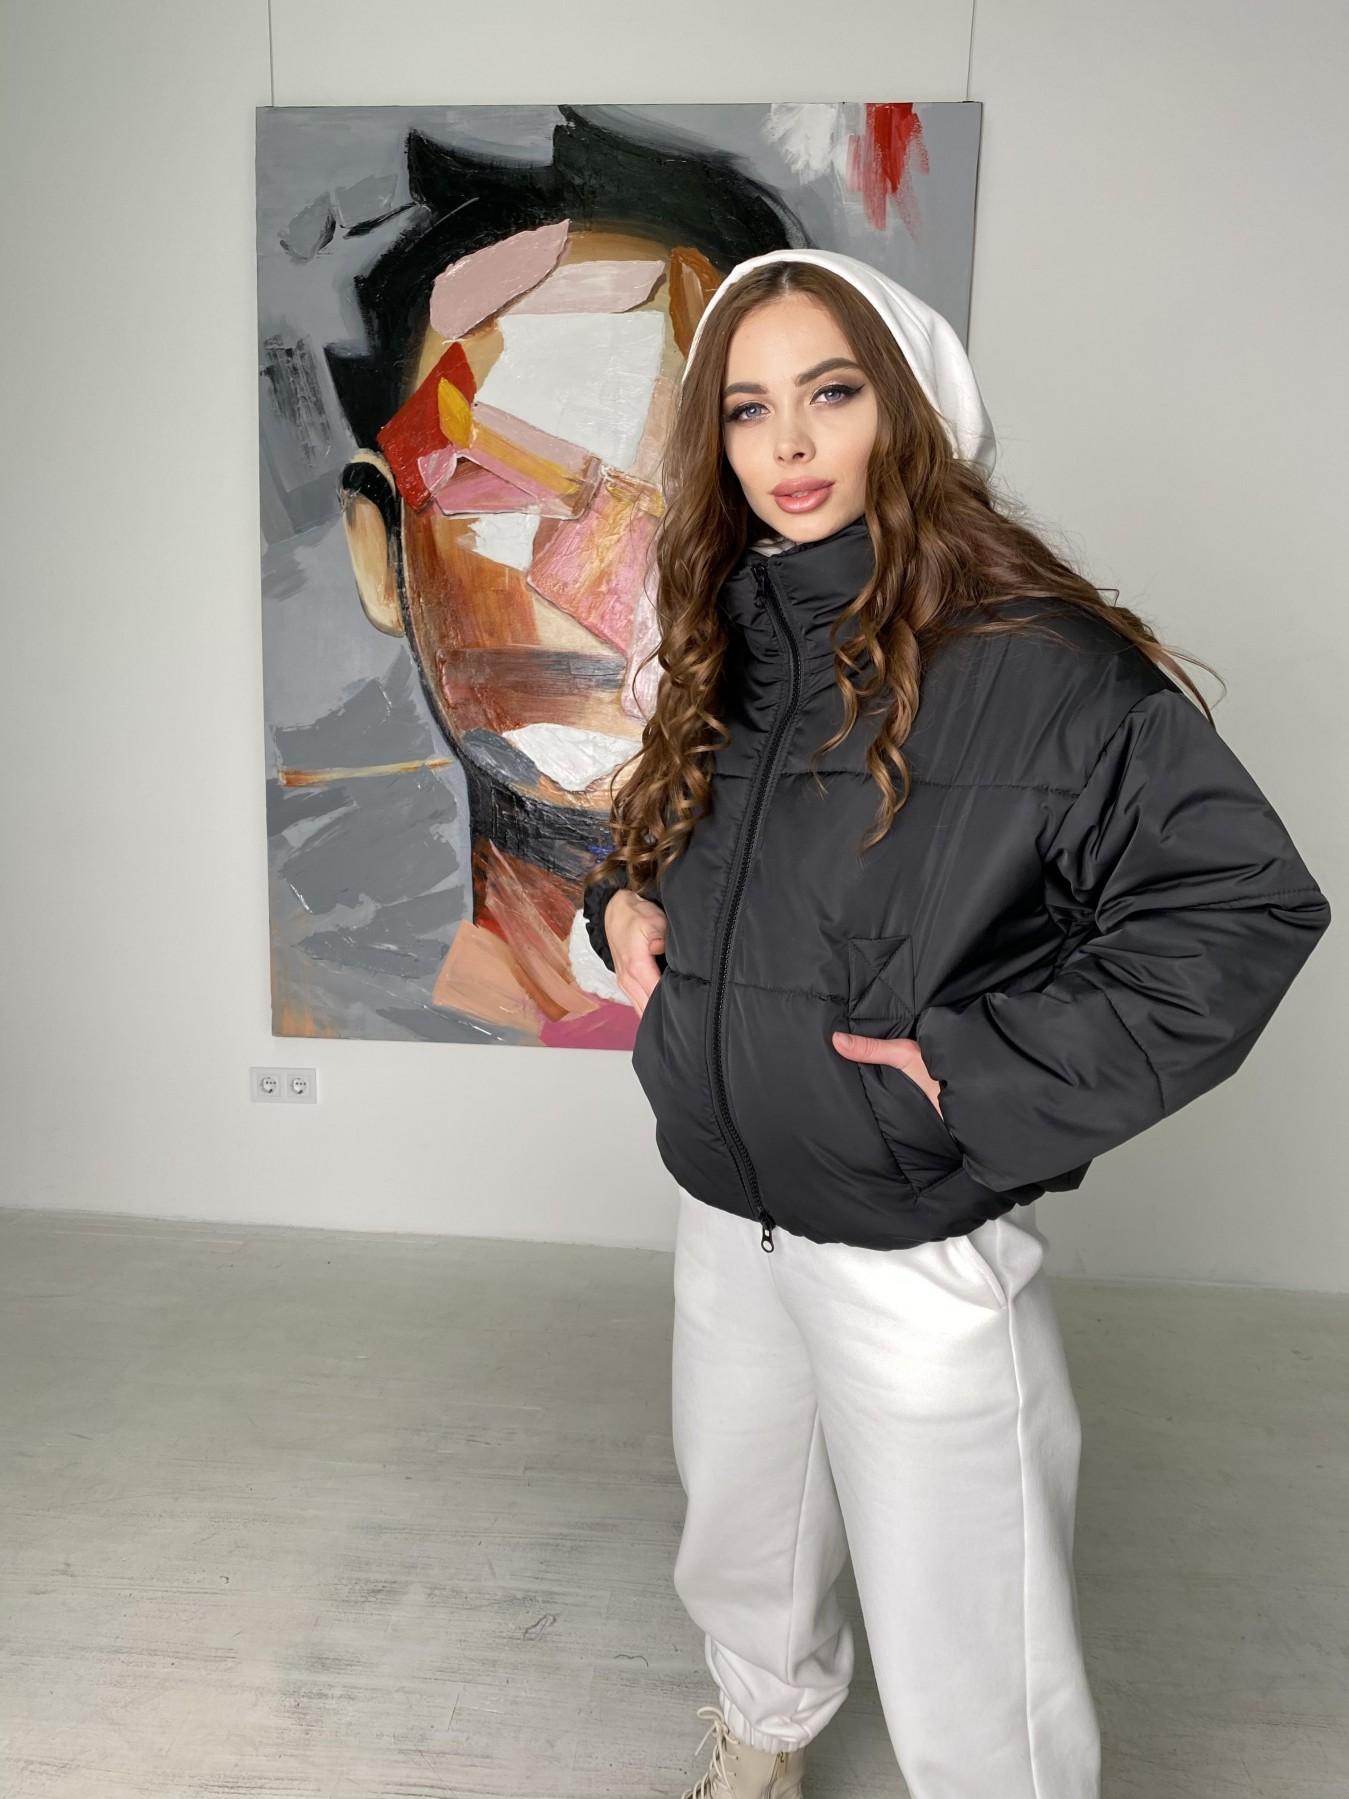 Драйв куртка из плащевой ткани 10448 АРТ. 46842 Цвет: Черный - фото 3, интернет магазин tm-modus.ru